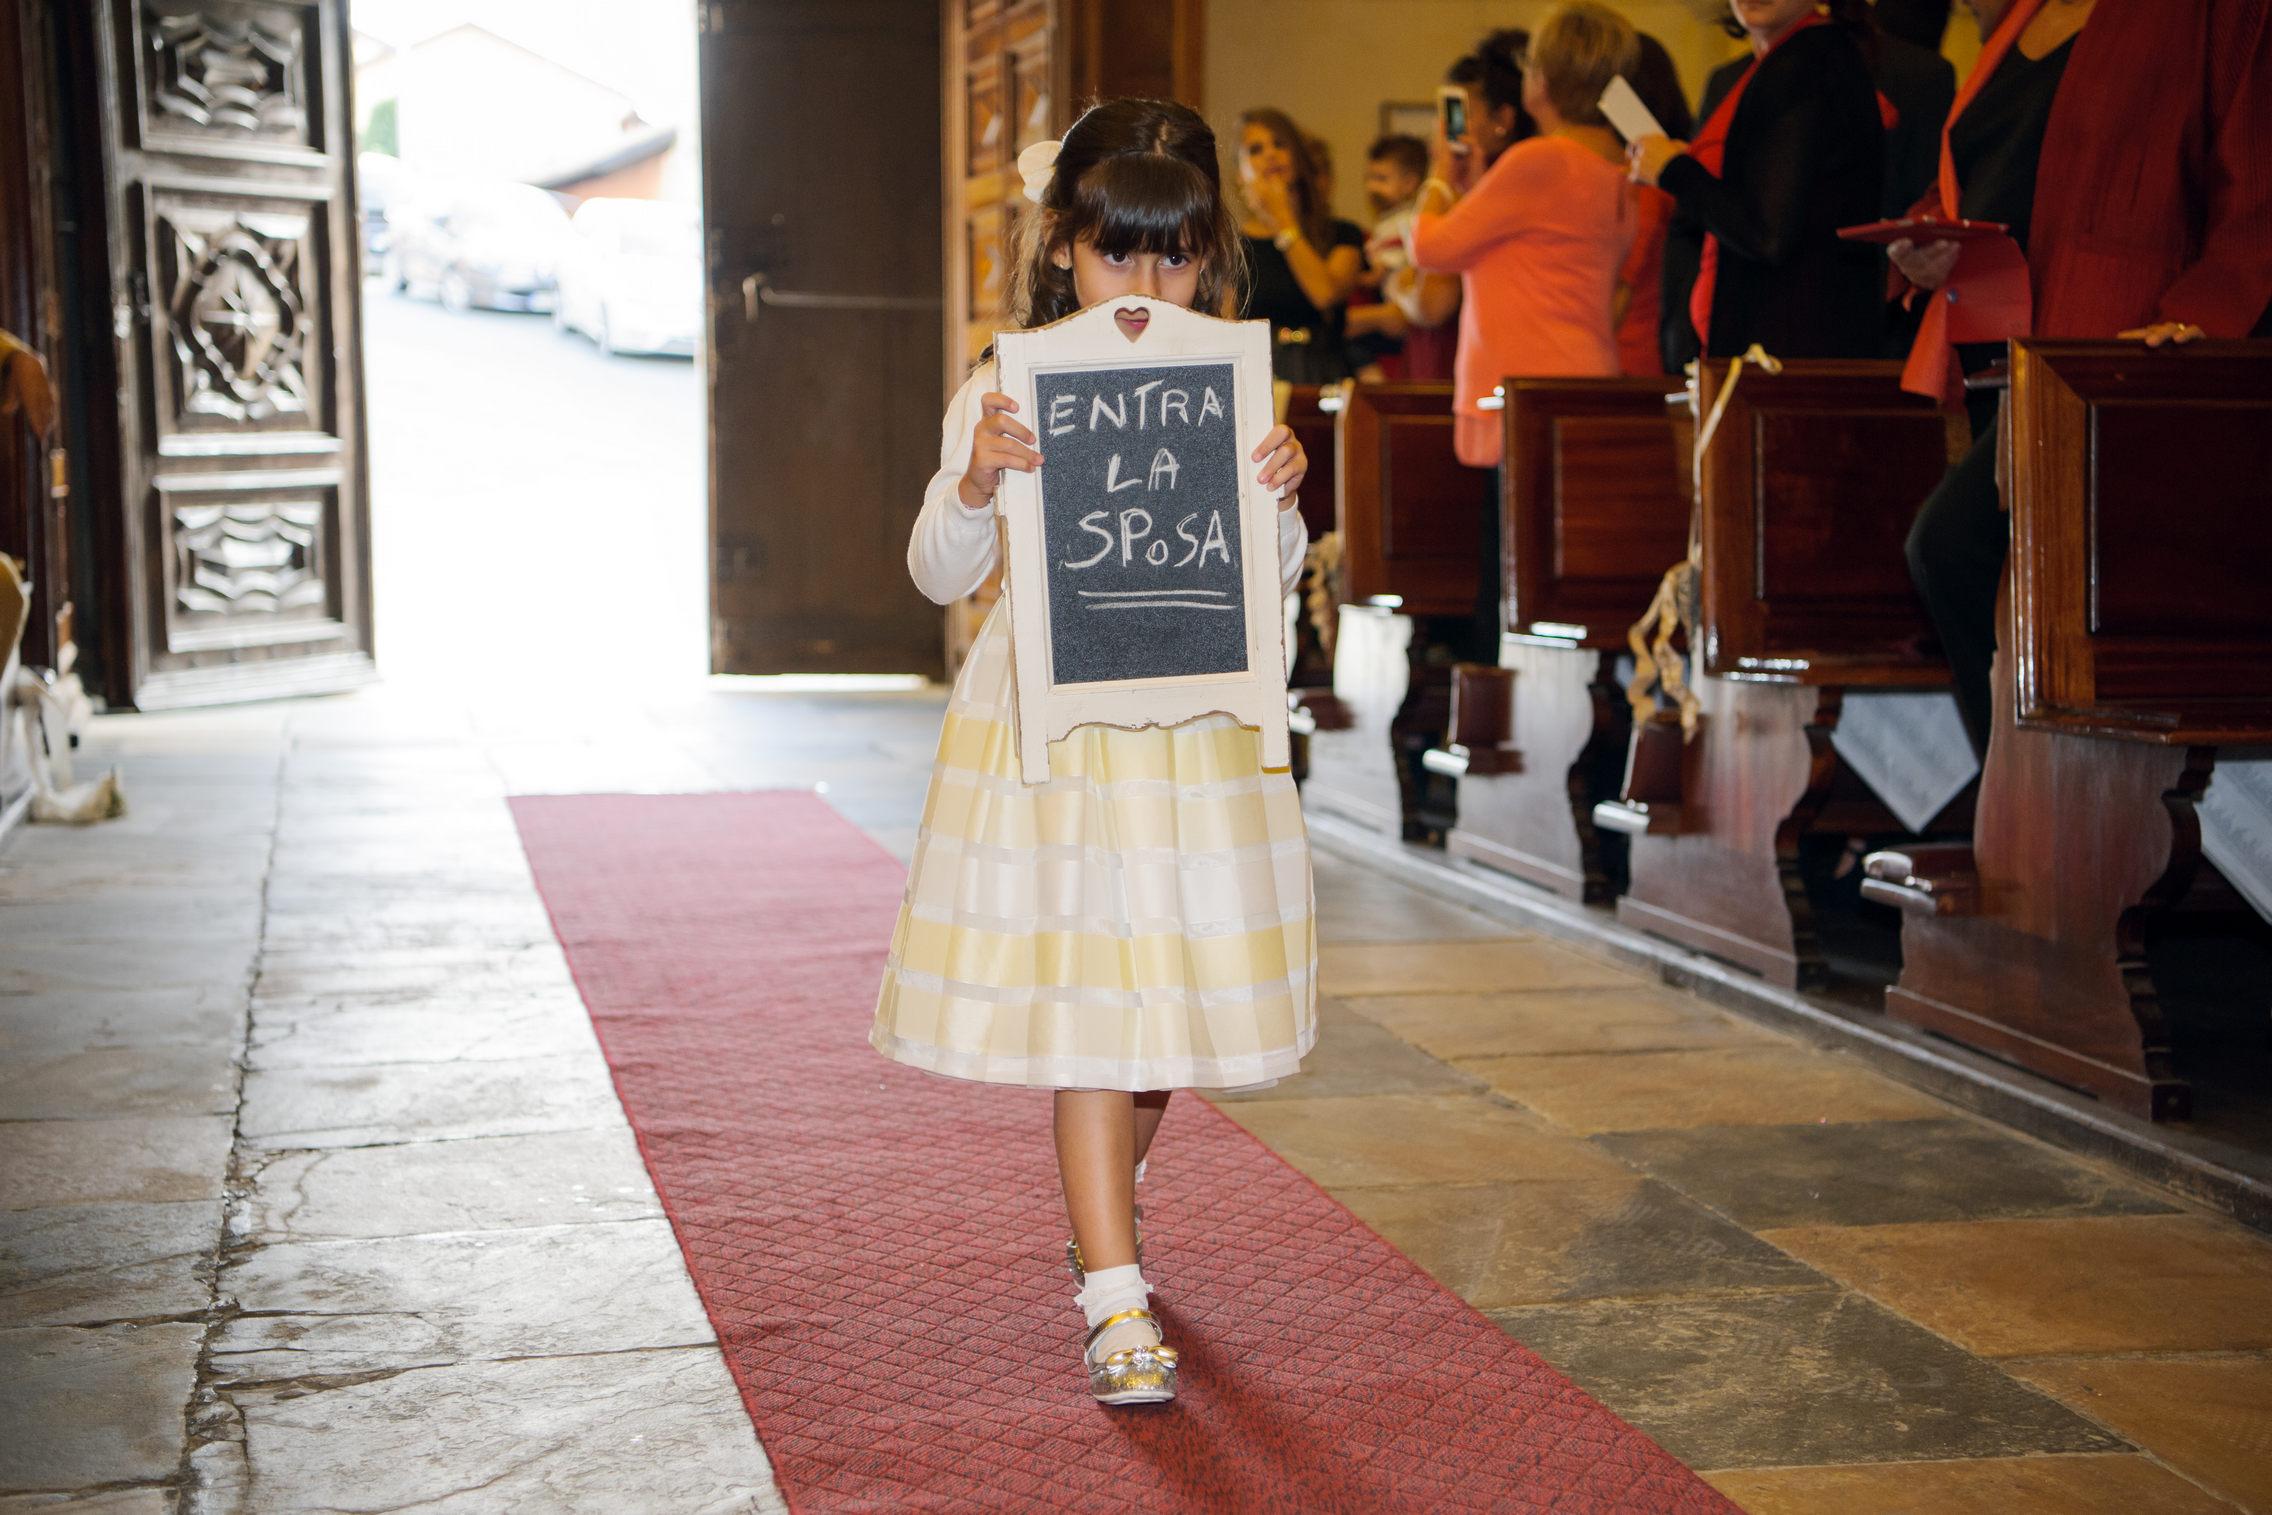 paggetta che annuncia l'entrata della sposa